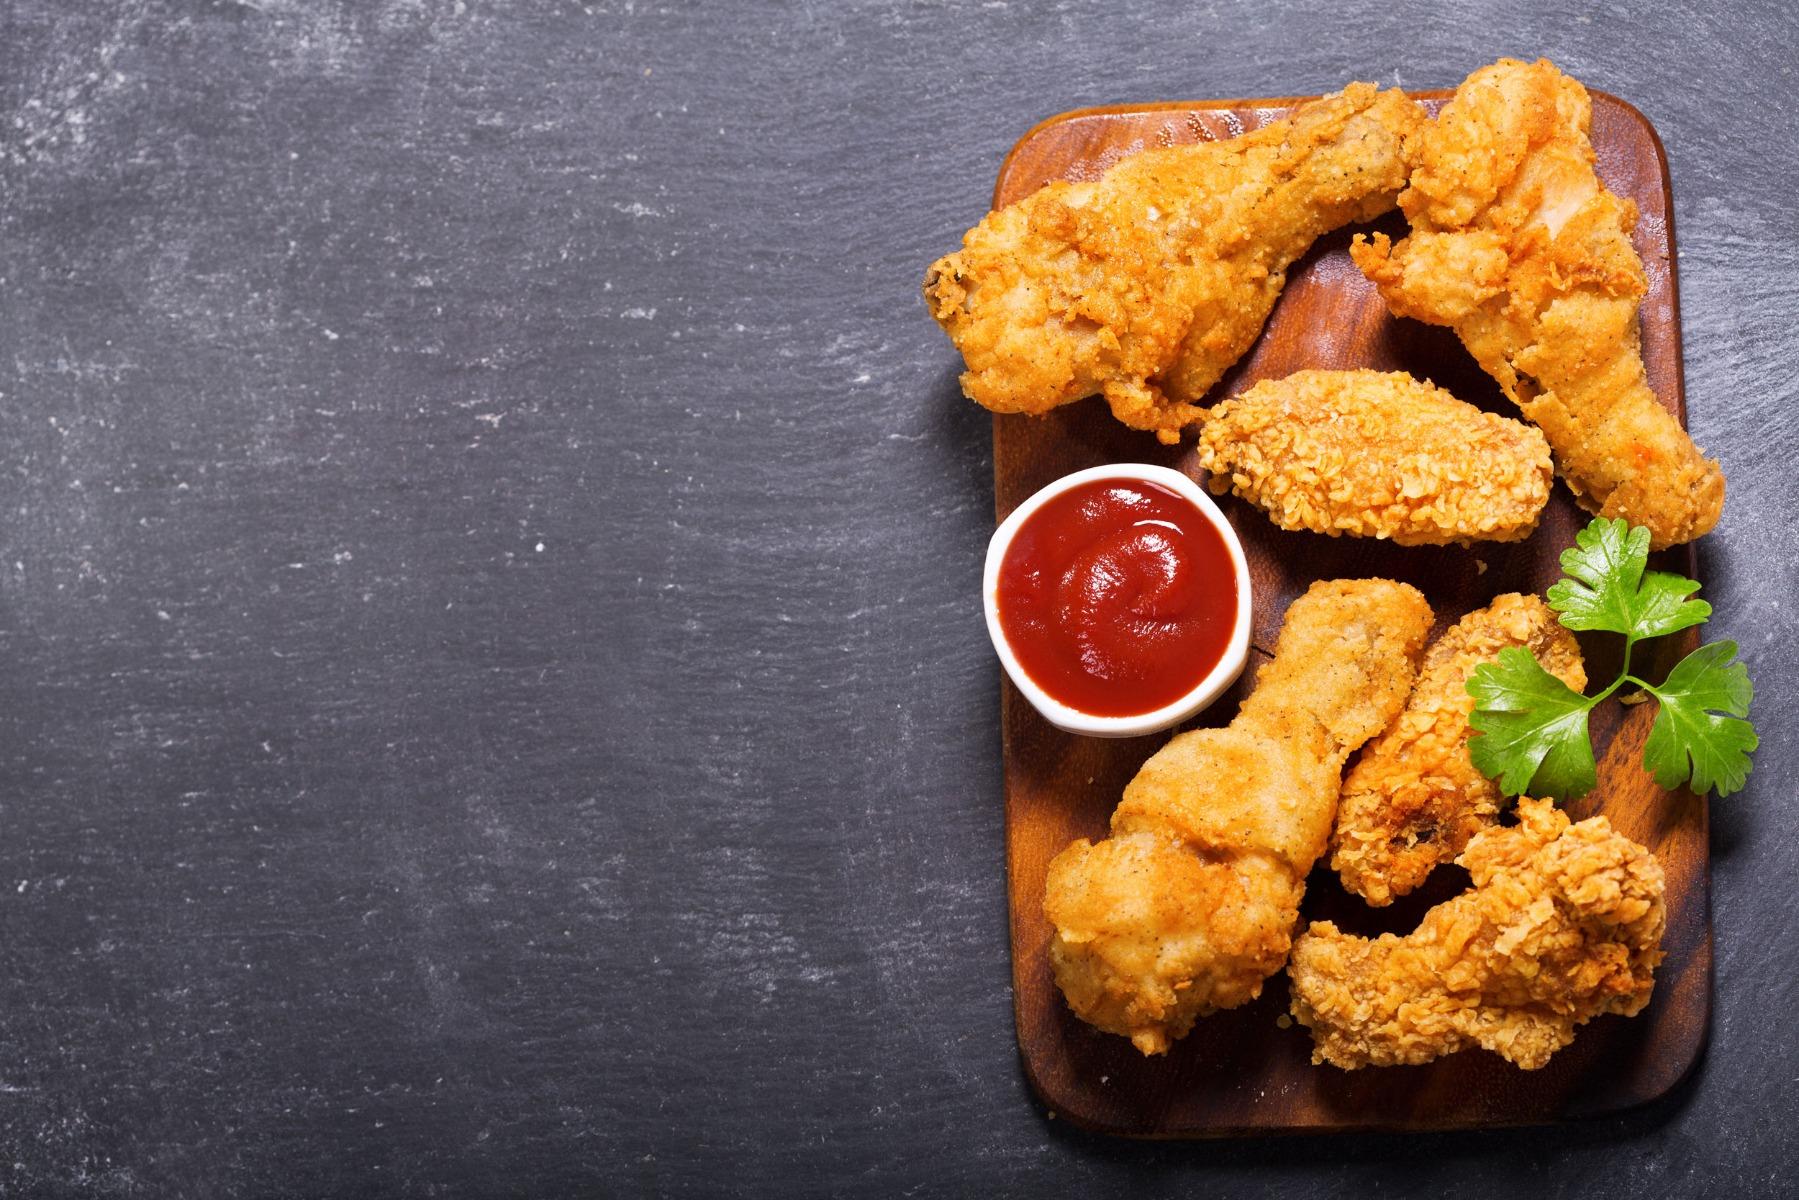 Prik en Tik - Wijnstreken - Foodpairing - Junkfood fried chicken